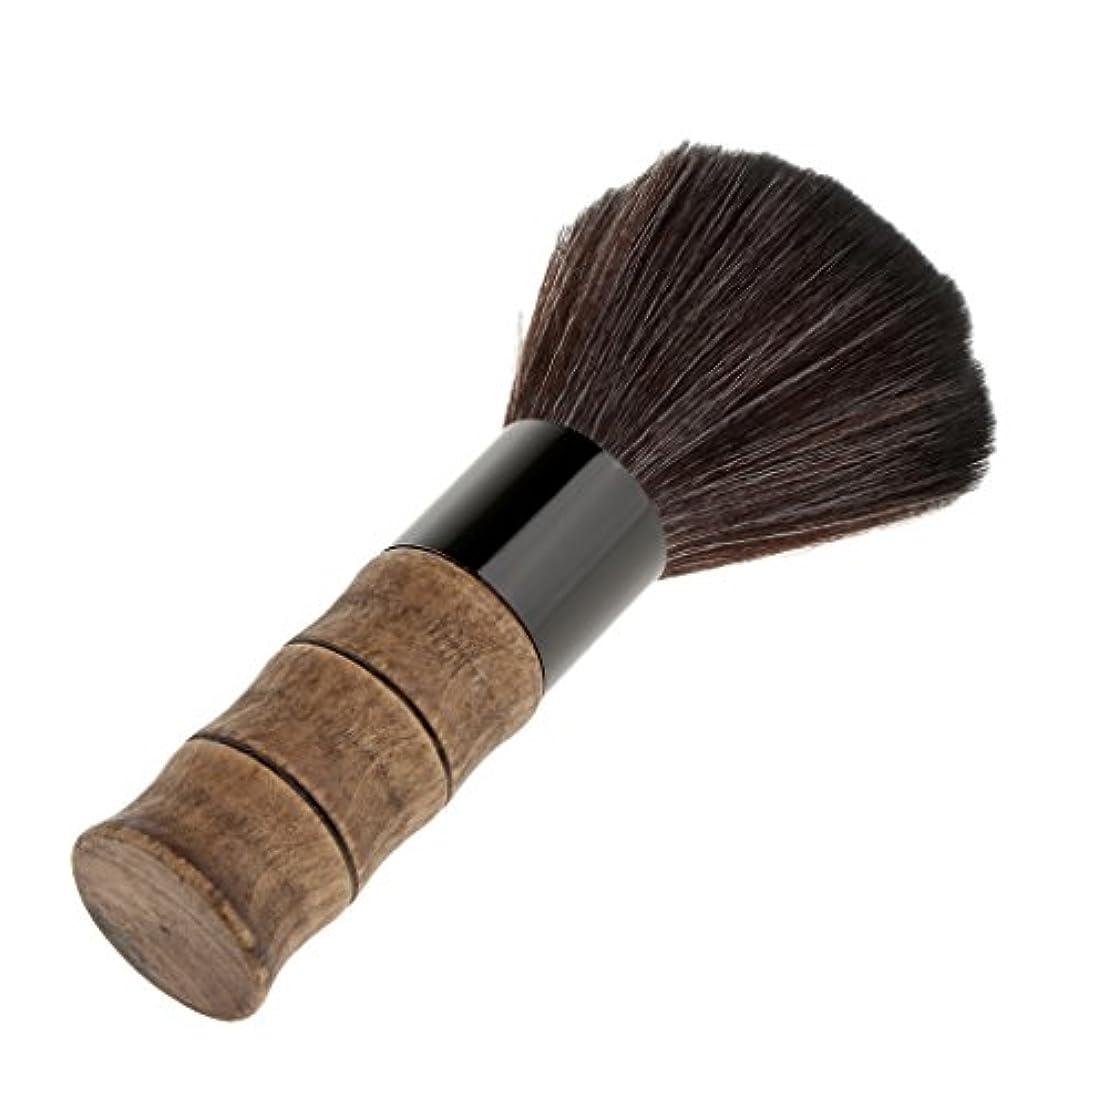 下に向けます細断報奨金Baosity ブラシ シェービングブラシ メイクブラシ ソフト 超柔らかい 繊維 洗顔 木製ハンドル 泡立ち 2色選べる  - ブラック